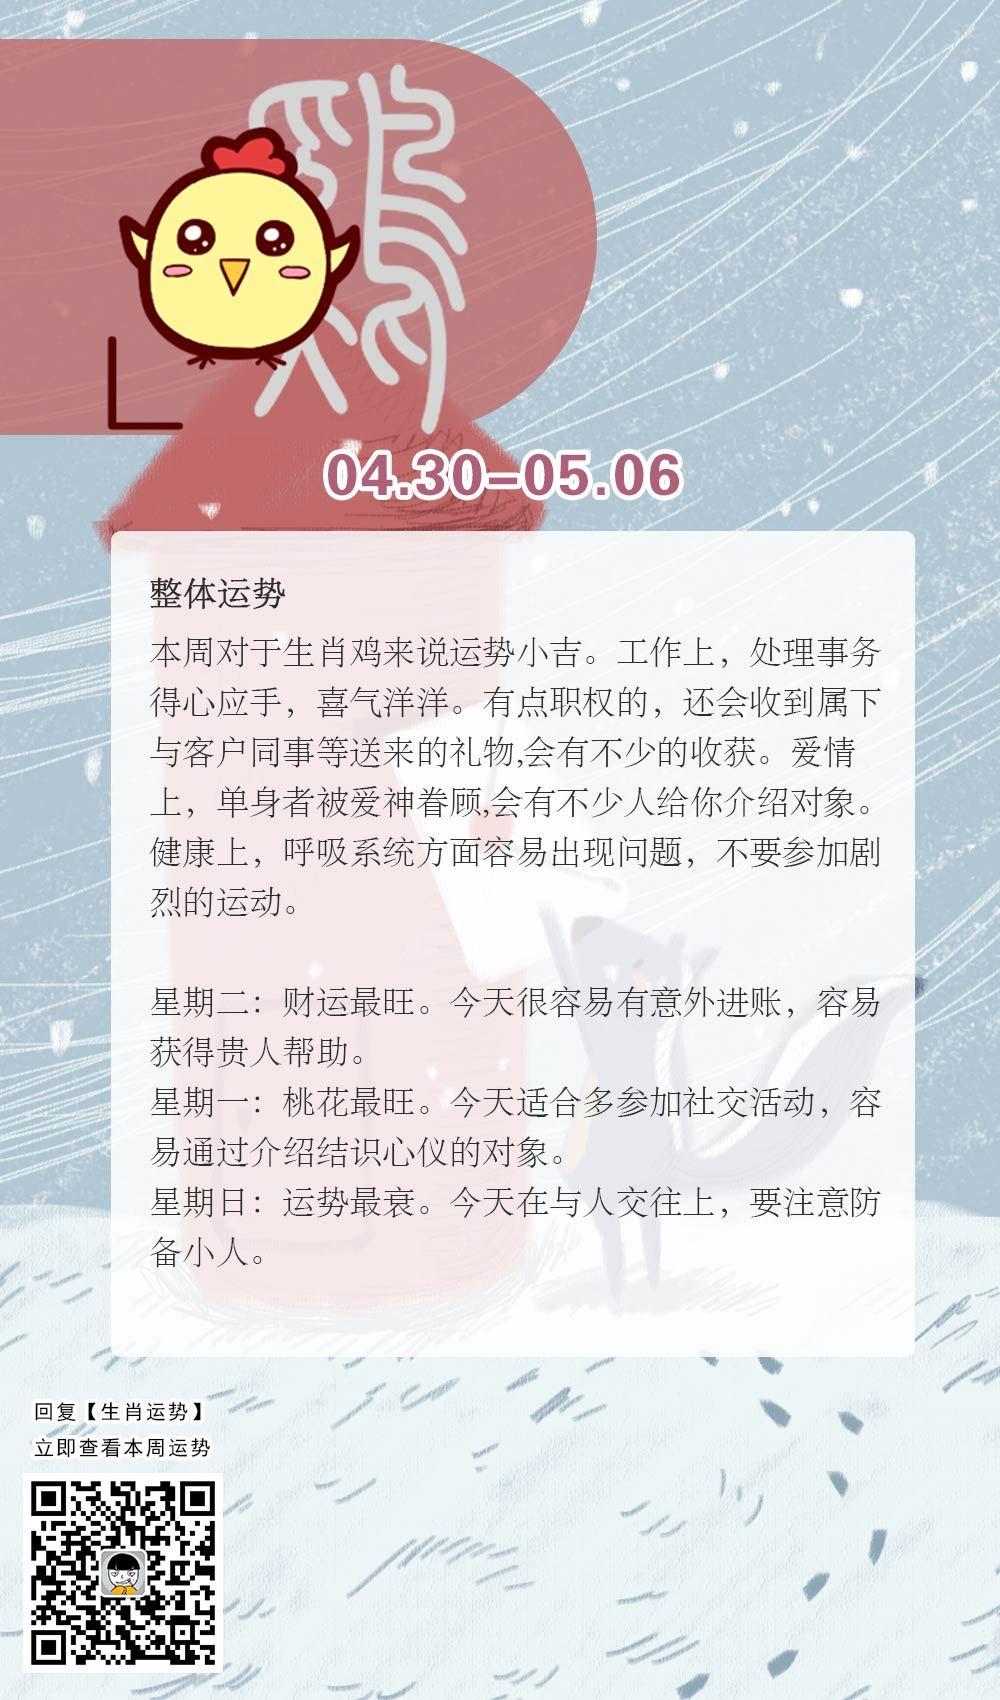 生肖鸡本周运势【2018.04.30-05.06】